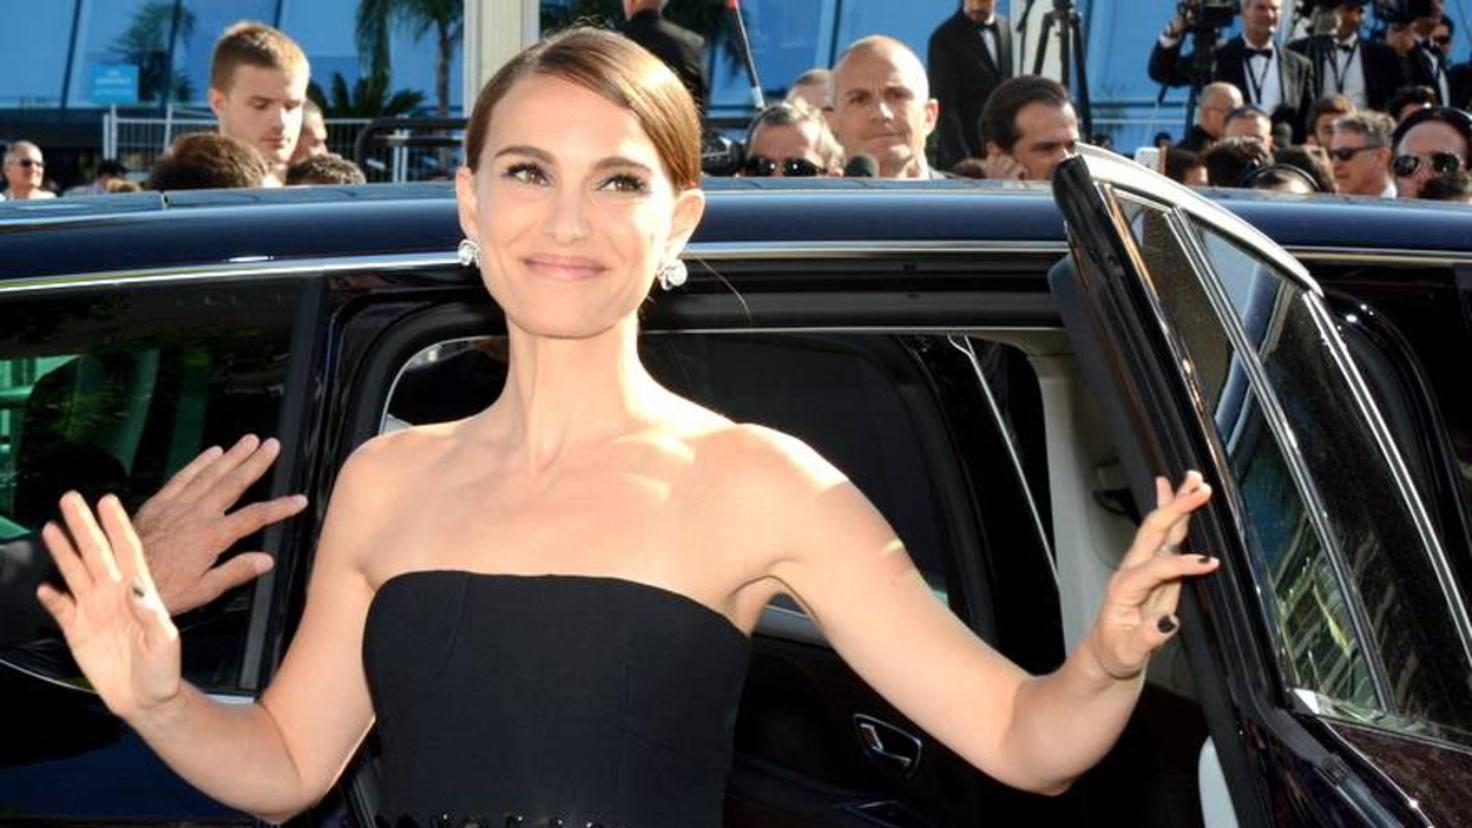 Glanz und Glamour haben bei Natalie Portman nicht oberste Priorität, weshalb sie sicherheitshalber einen Abschluss in Psychologie machte.